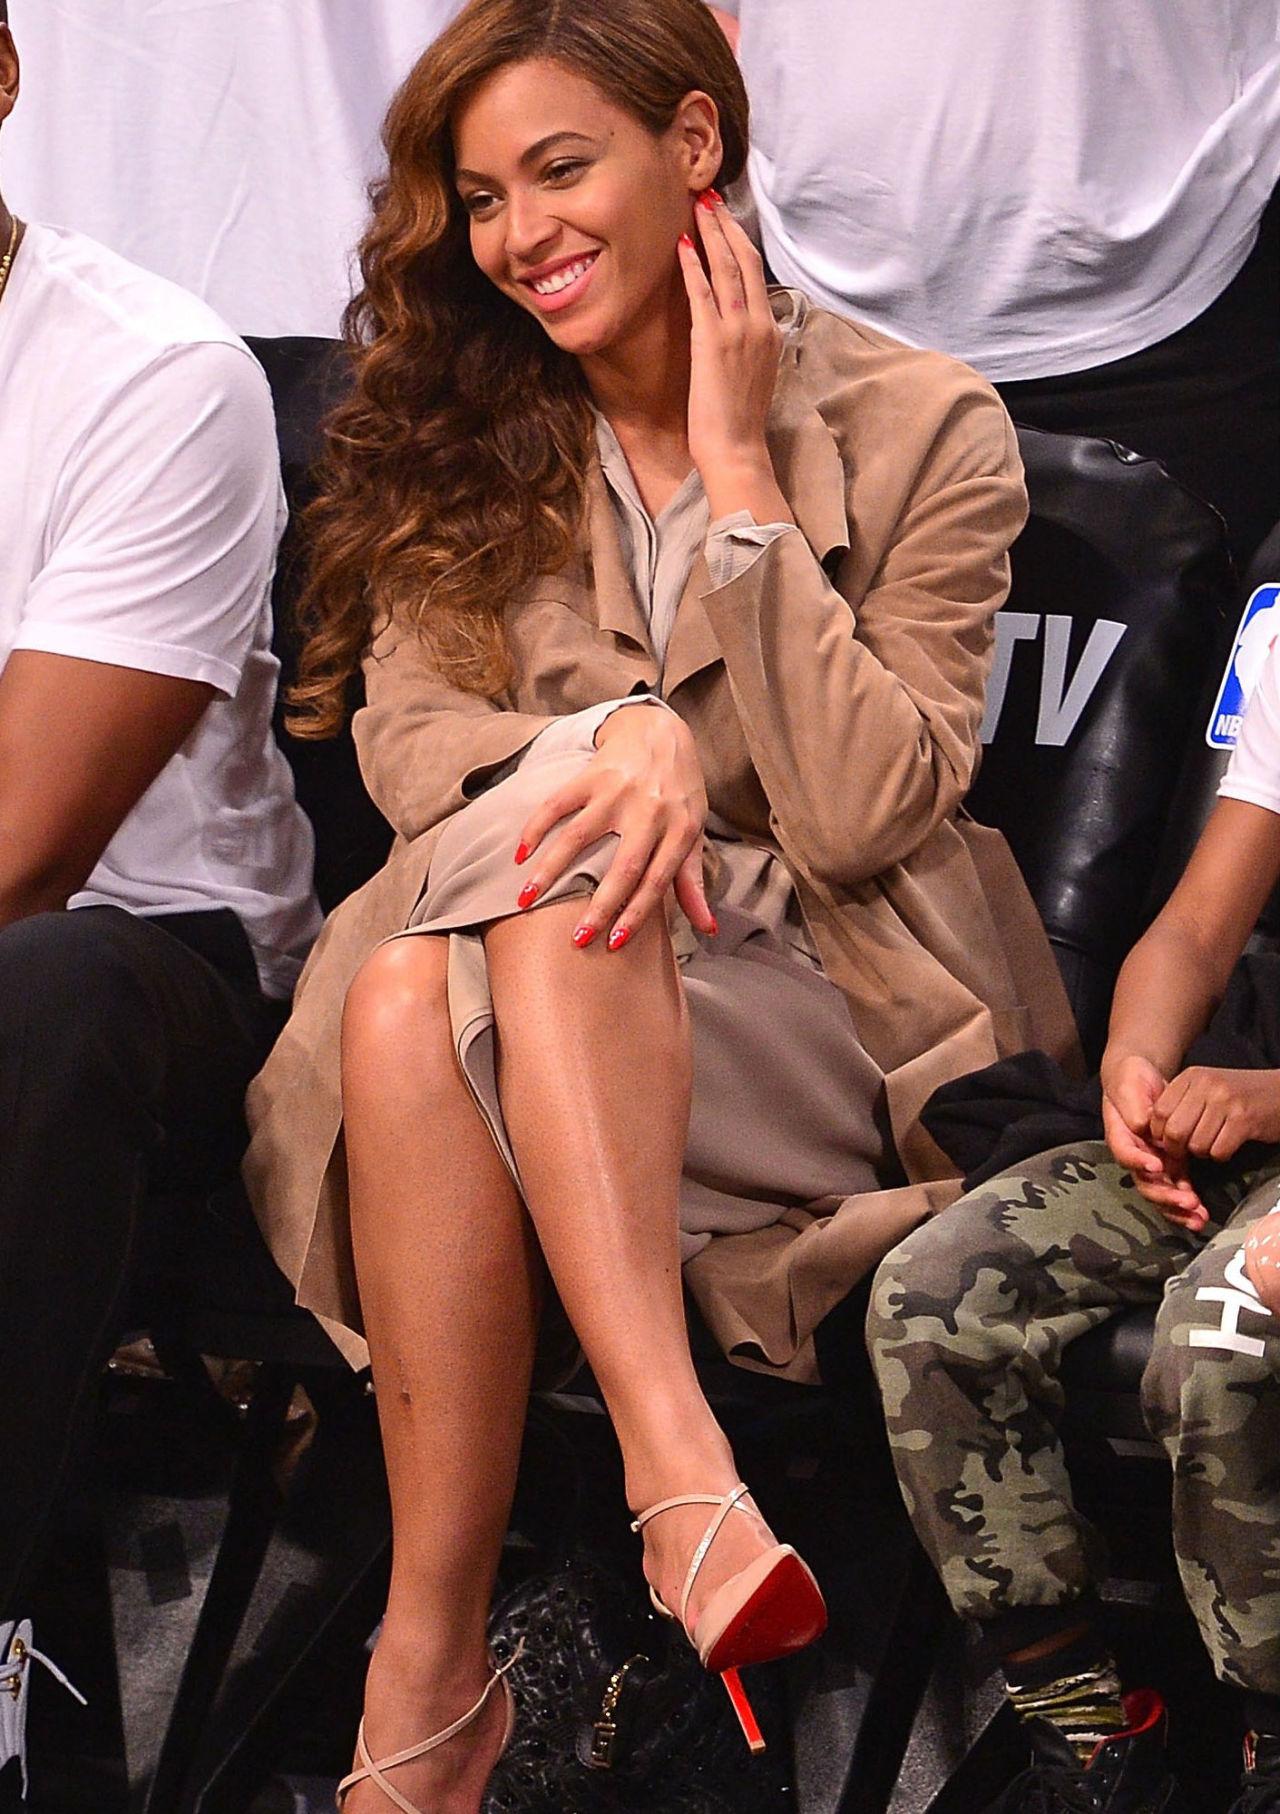 Beyoncé > Apariciones en público <Candids> [III] - Página 26 Tumblr_n5eyra24AH1ry0gfbo1_r3_1280